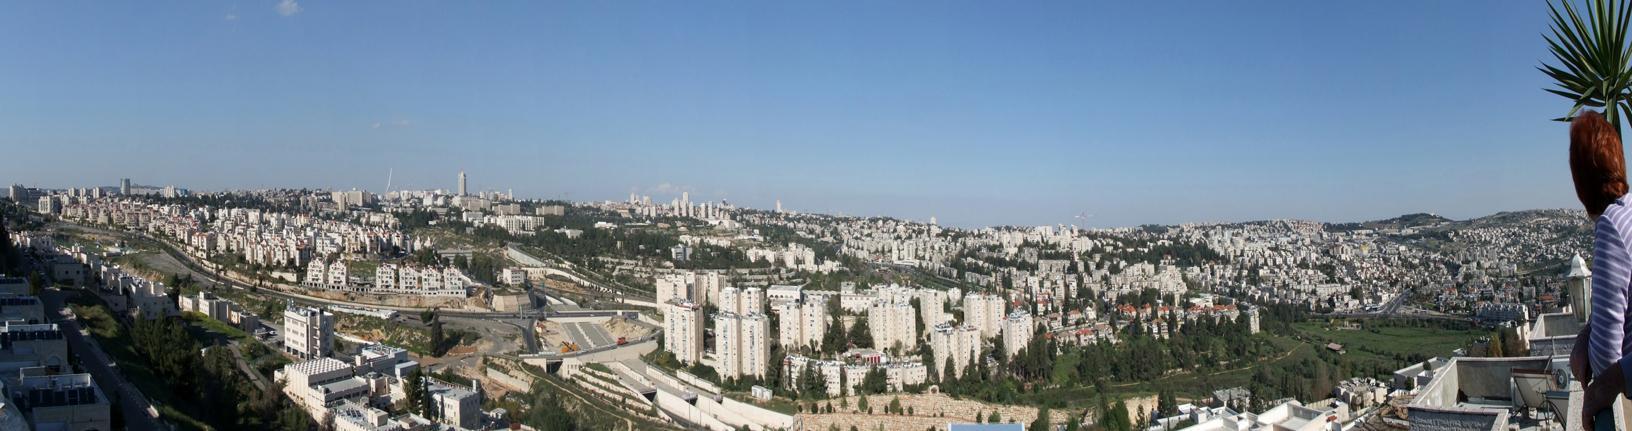 panoramablick von der dachterrasse eines freundes auf jerusalem